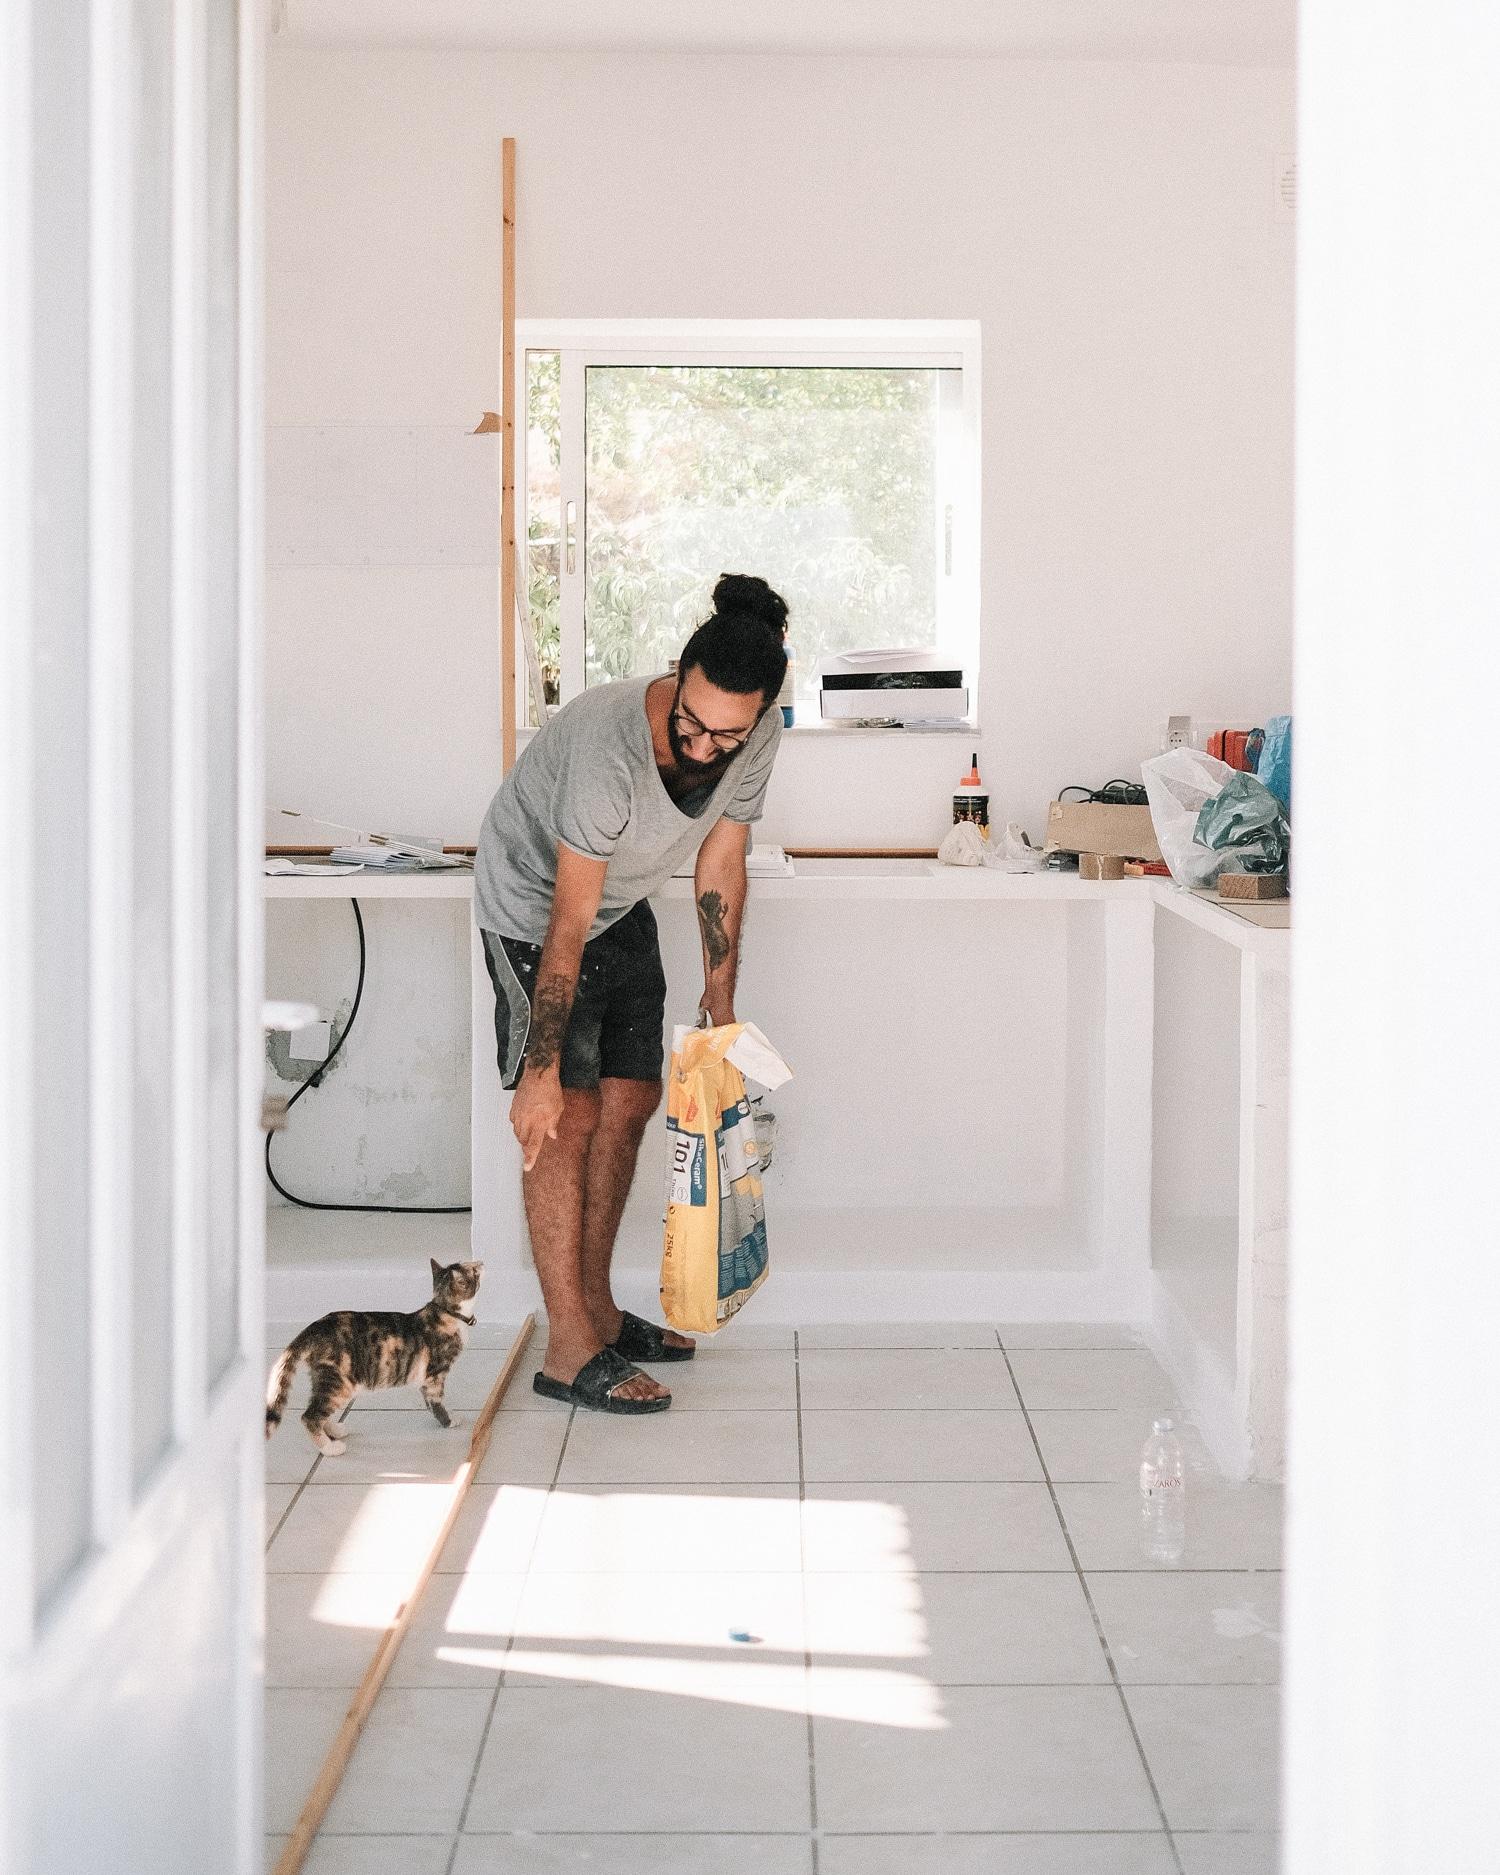 Kinlake-Crete-House-Lifestyle-2018-12076